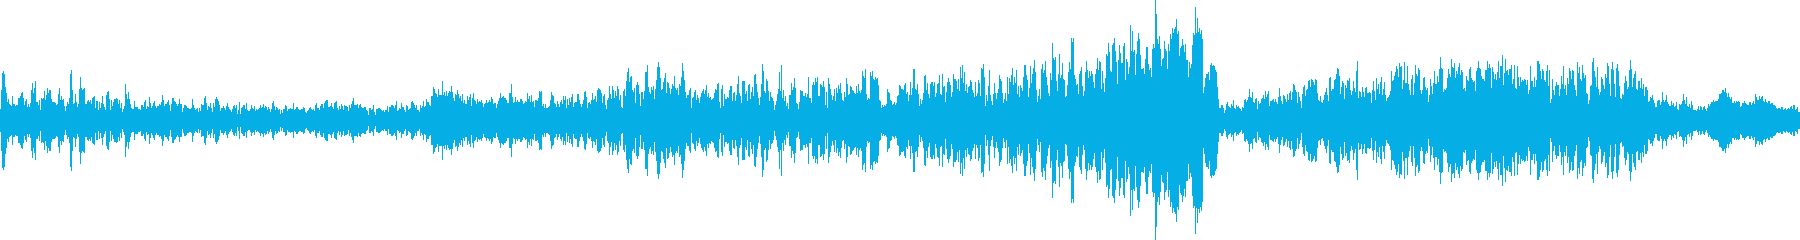 渦巻く怖いテキストのフェードインの再生済みの波形